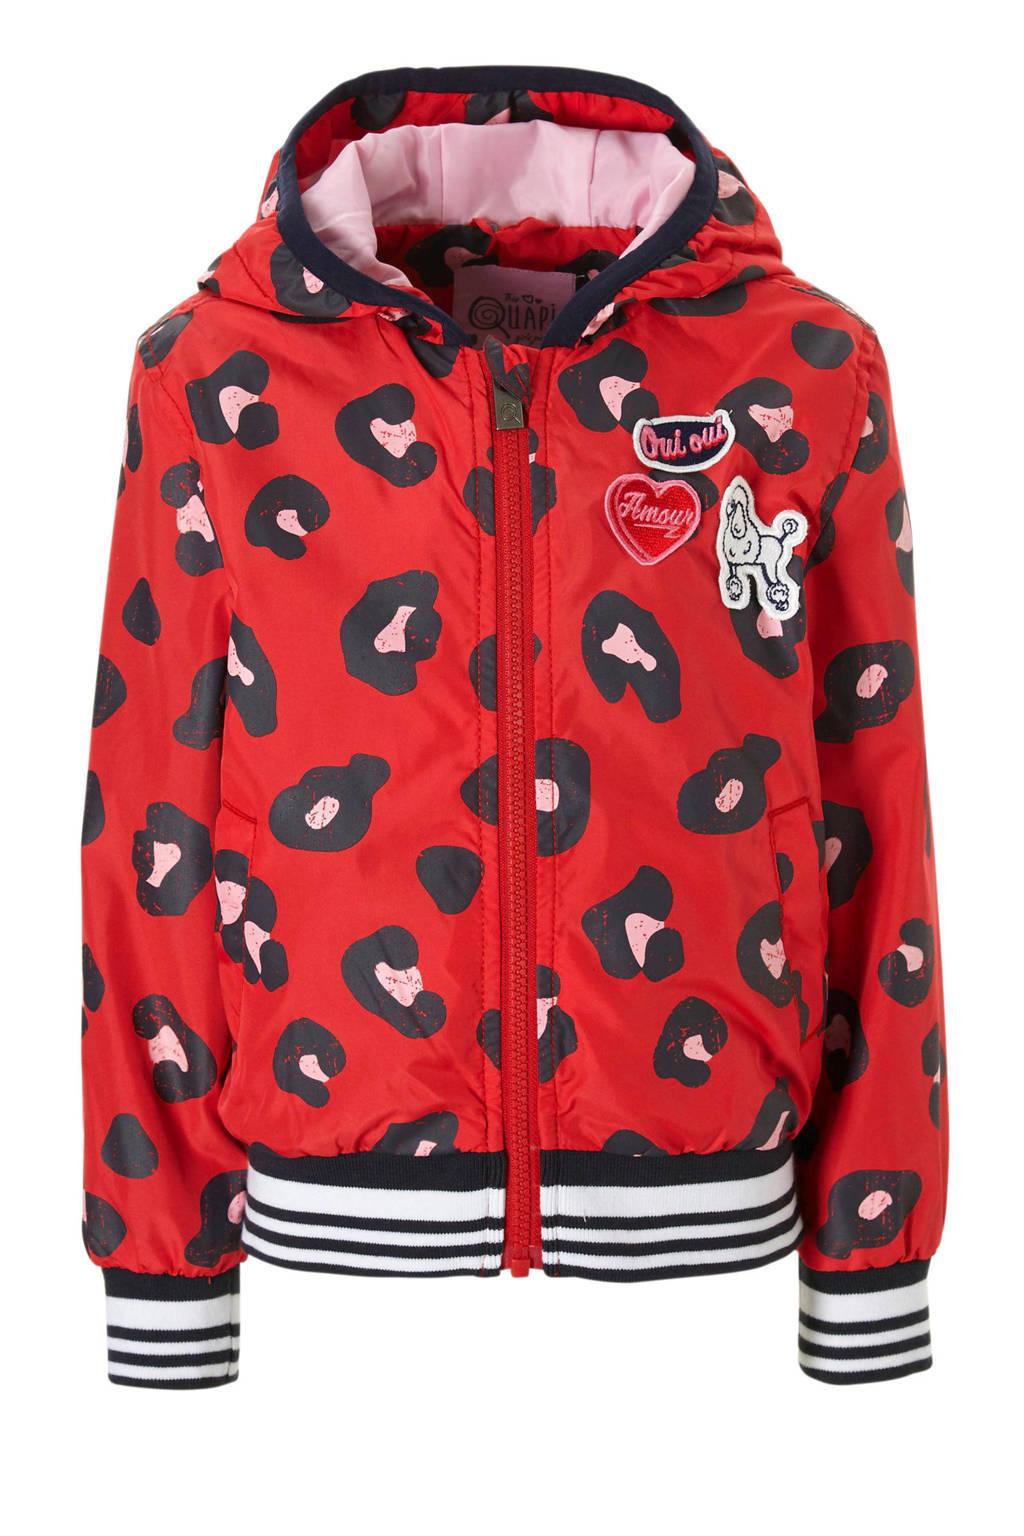 7352954f7e0a09 Quapi zomerjas met panterprint Sarella rood